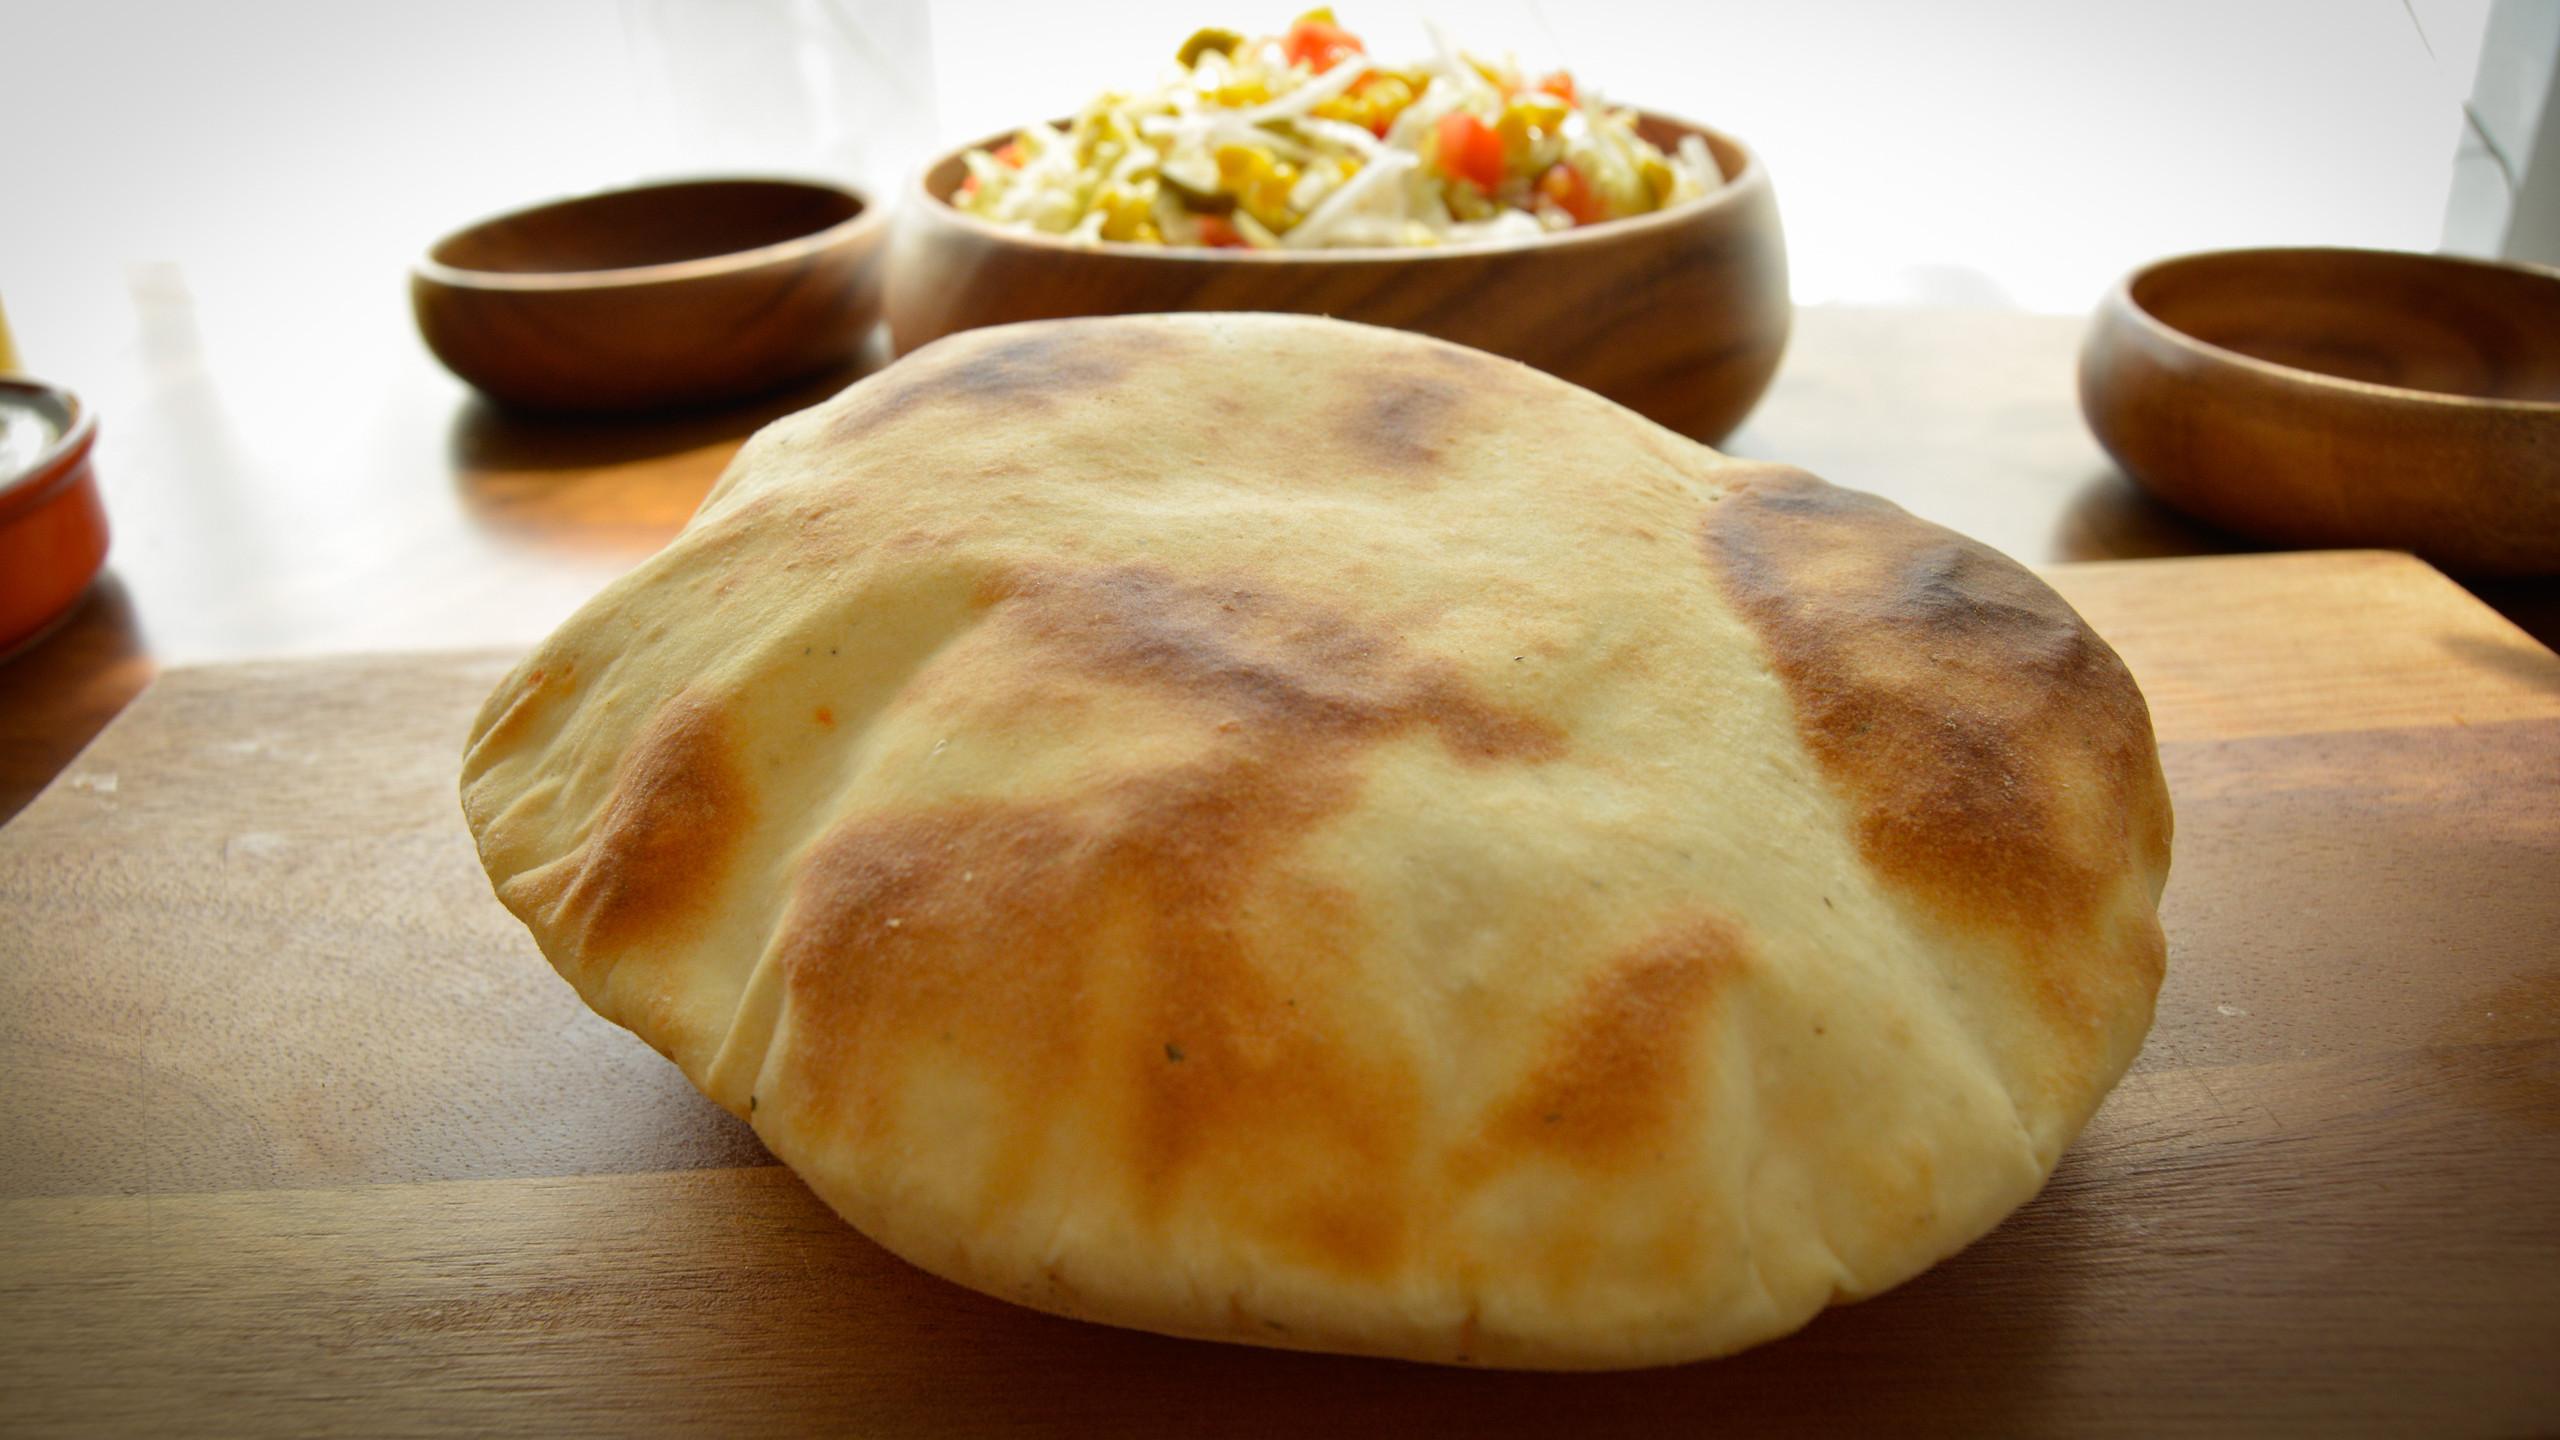 Homemade Pitta Bread Recipe - Pita Flatbread